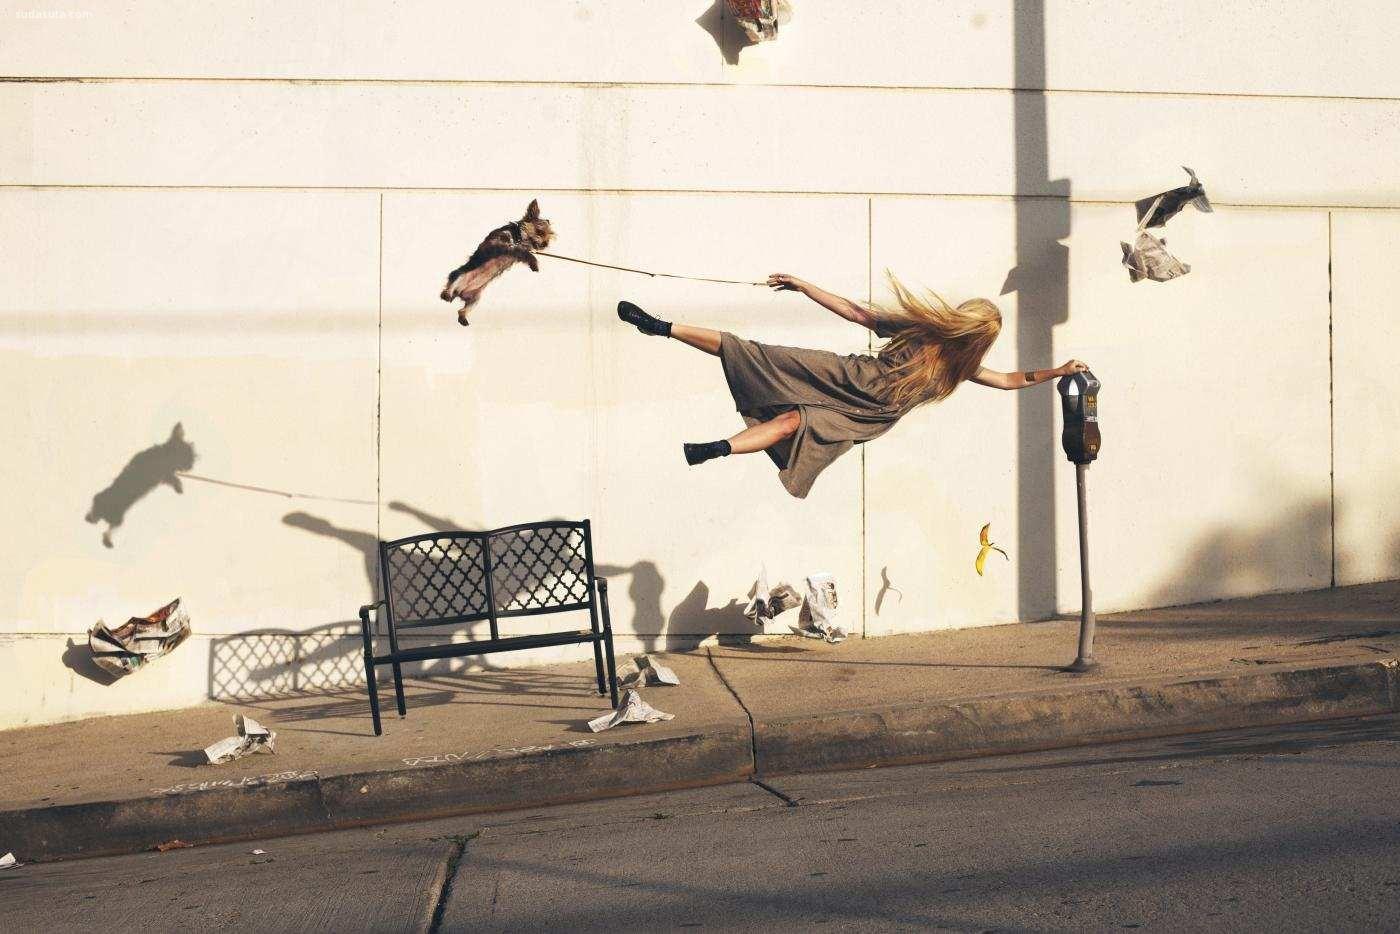 Mike Dempsey 不可思议的镜头